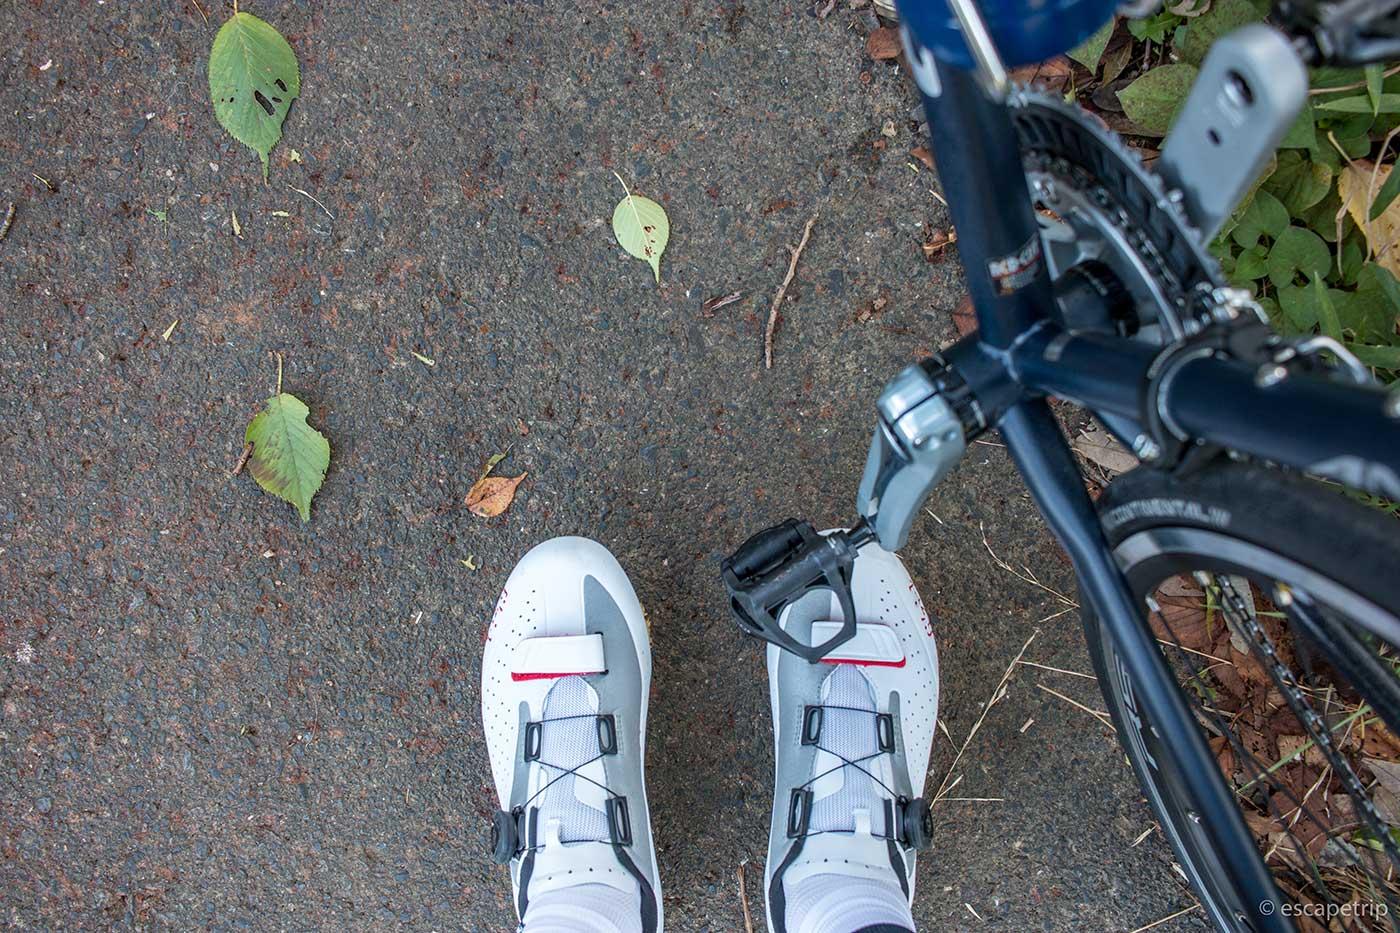 ロードバイク用シューズとペダル